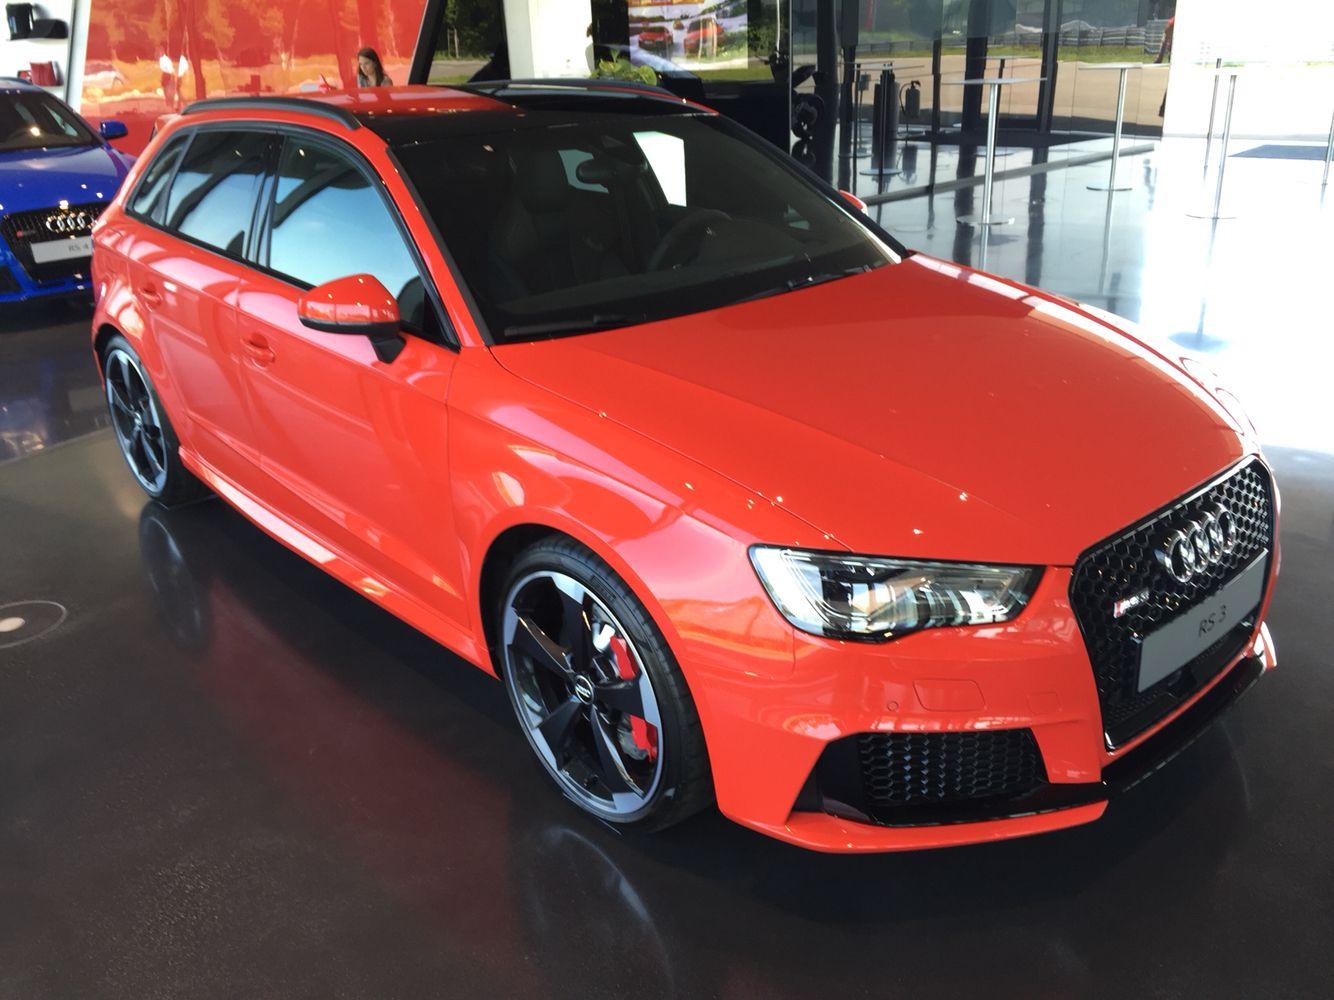 Audi Rs3 Neustadt Orange Red Audi Custom Cars